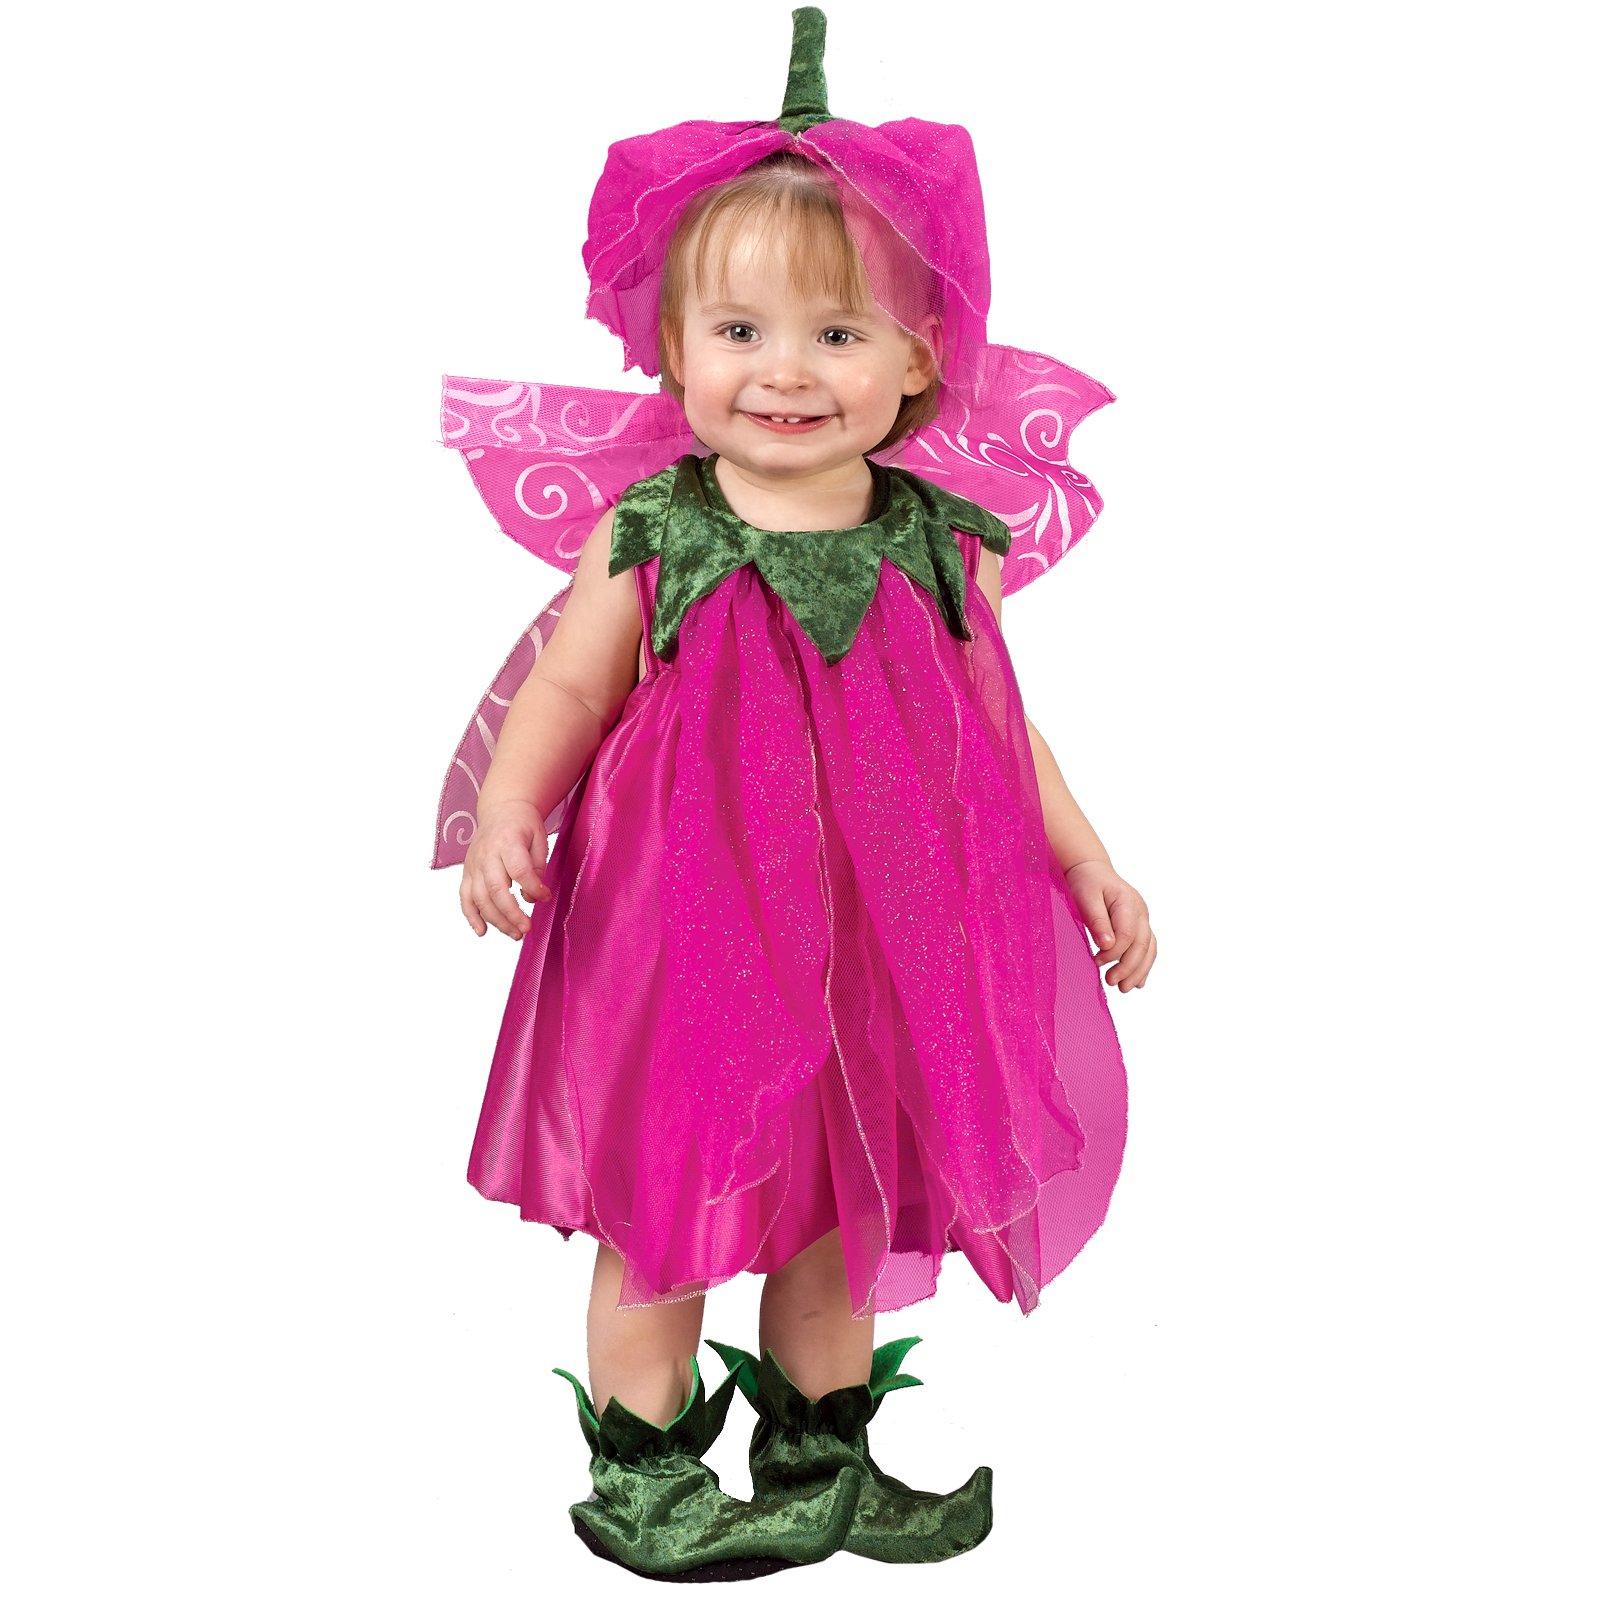 Как сделать новогодний костюм девочке своими руками